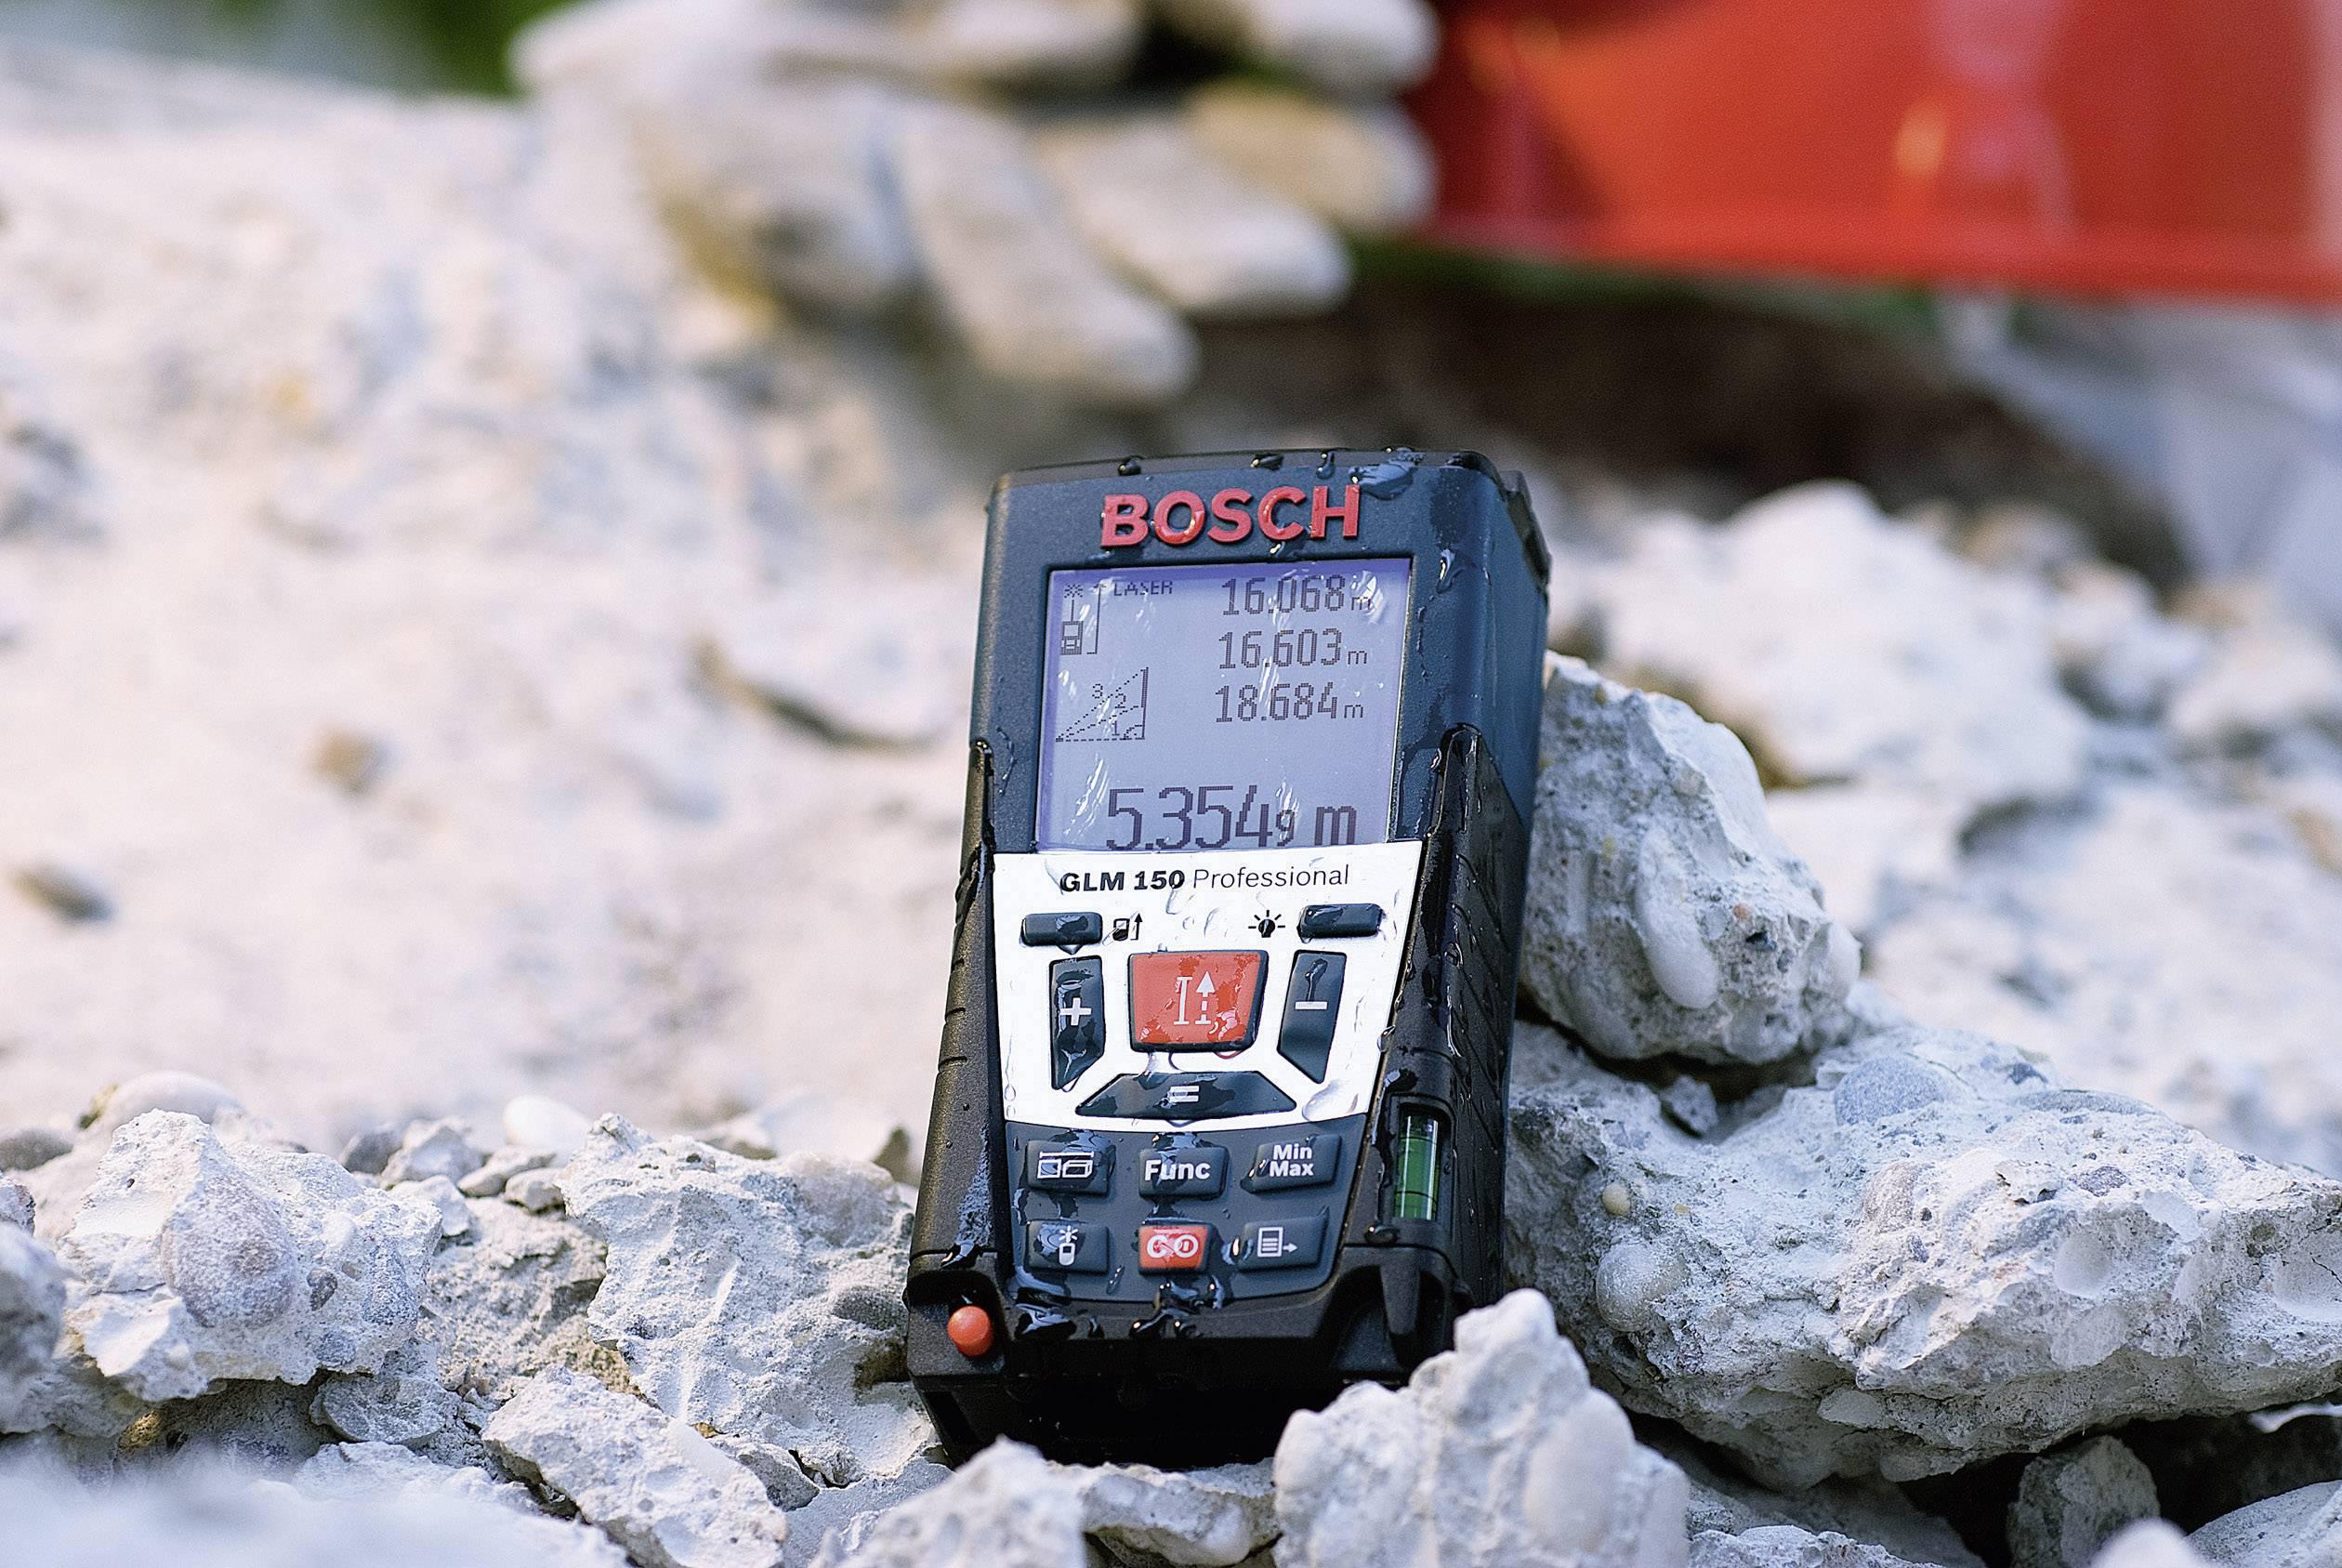 Bosch Laser Entfernungsmesser Conrad : Bosch professional glm laser entfernungsmesser stativadapter